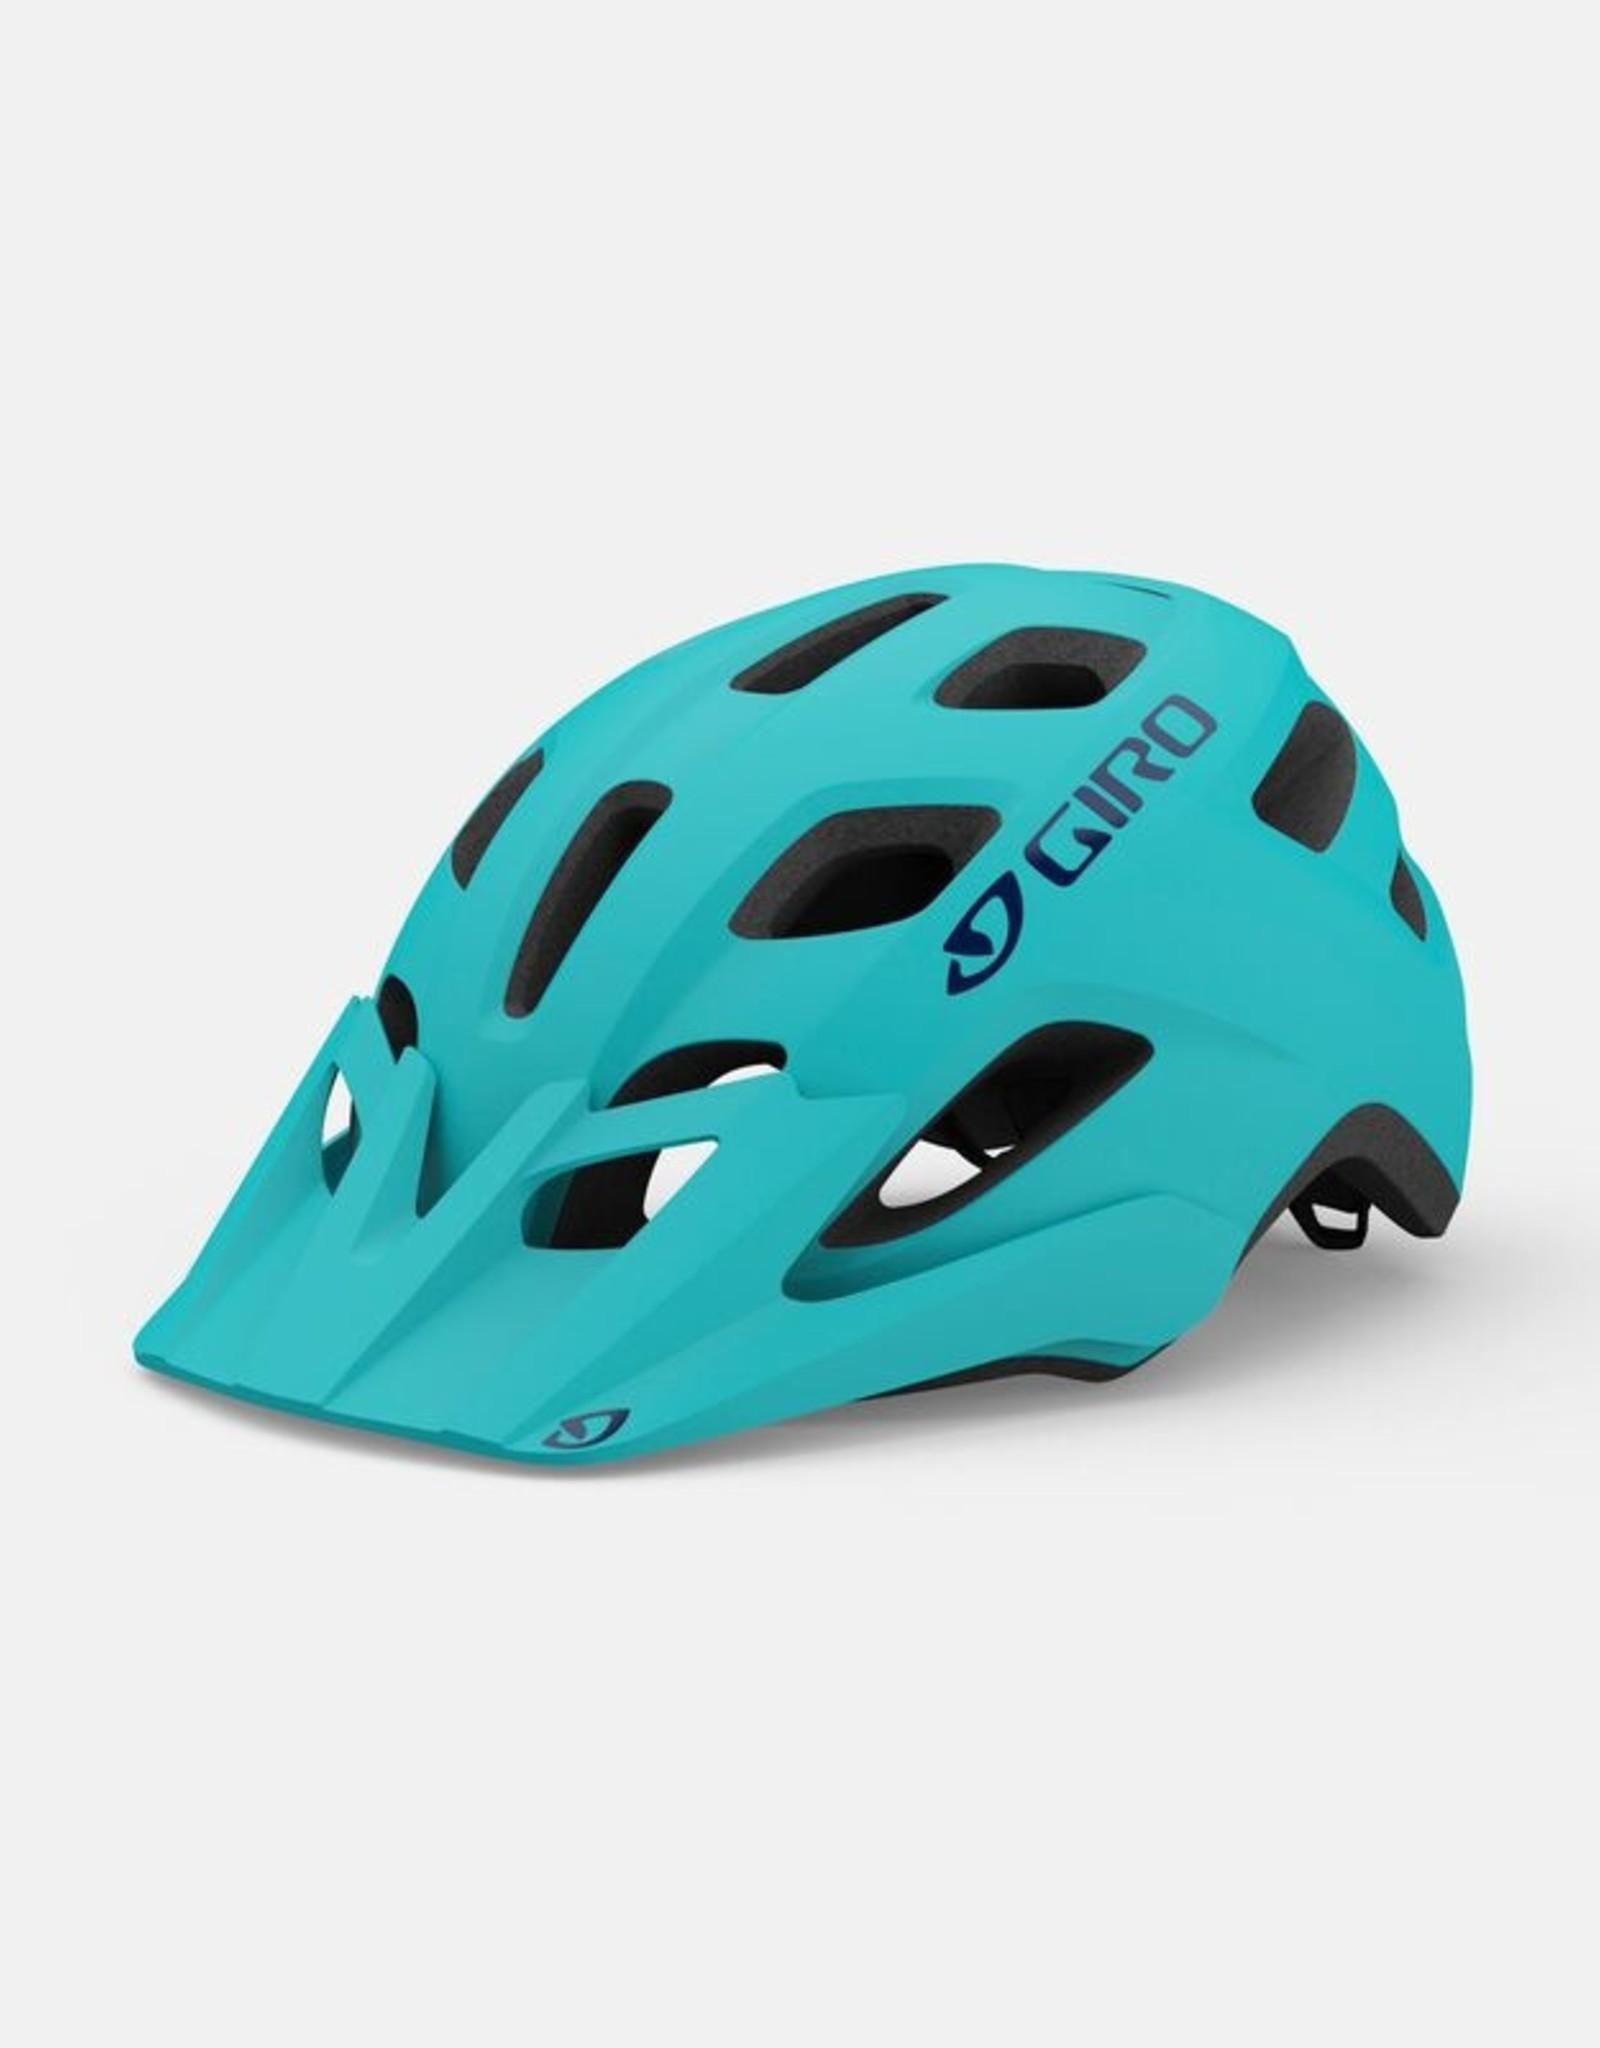 Giro Giro Tremor MIPS Child Bike Helmet